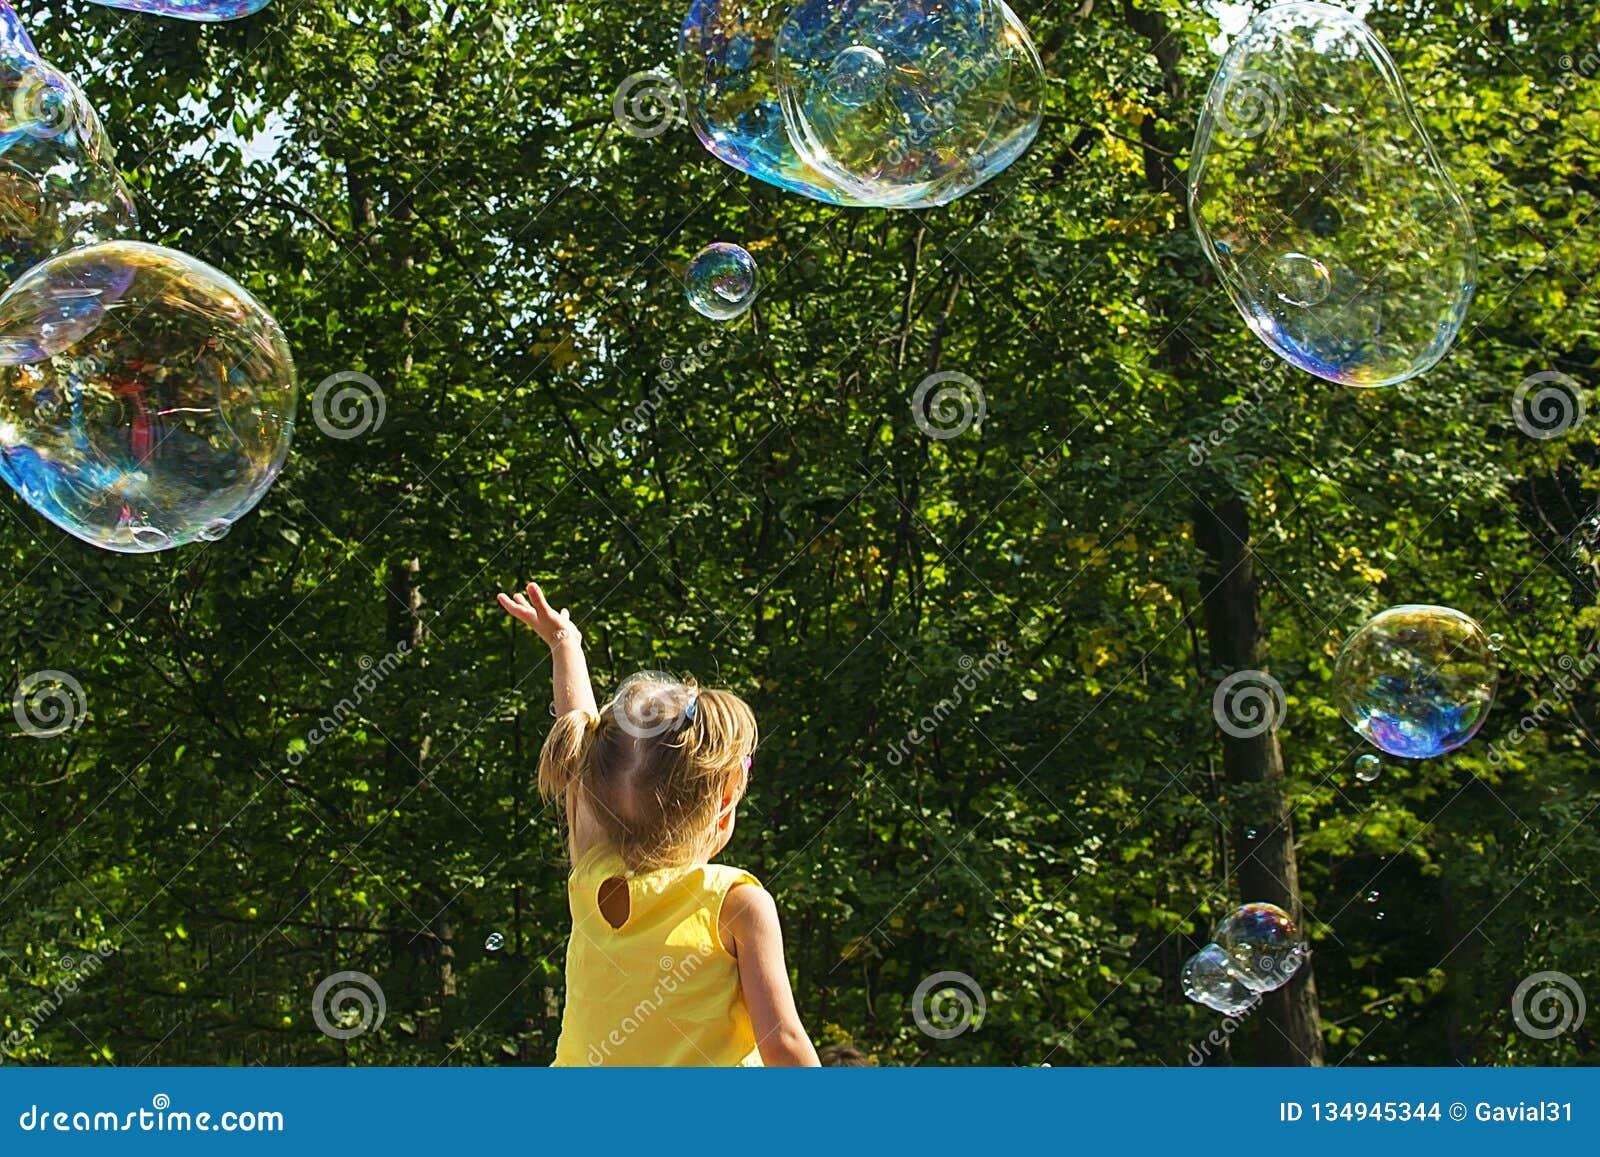 Child catches soap bubbles.